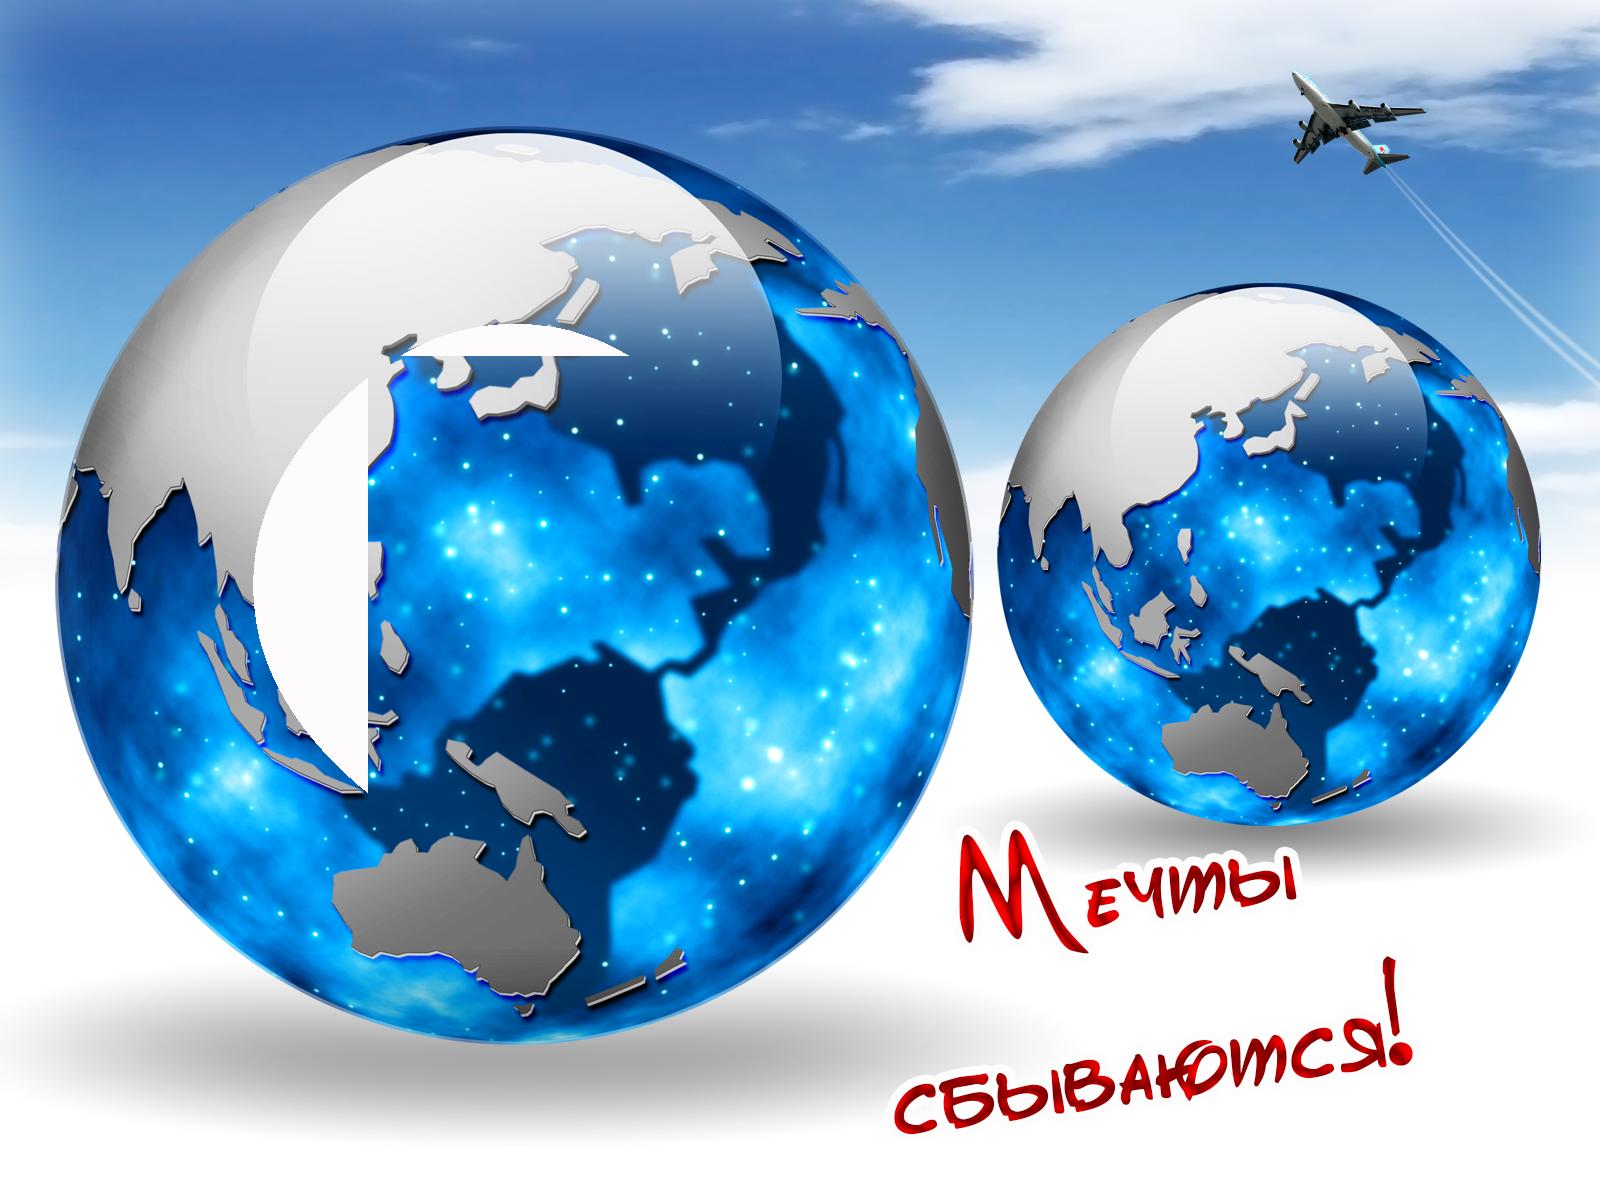 Фоторамка Мечты сбываются! Фоторамка для фотошопа, PNG шаблон. Фоторамка путешественника. Земной шар, летящий самолет, небо. Мечты сбываются! Открытка с фотографией, мотиватор.